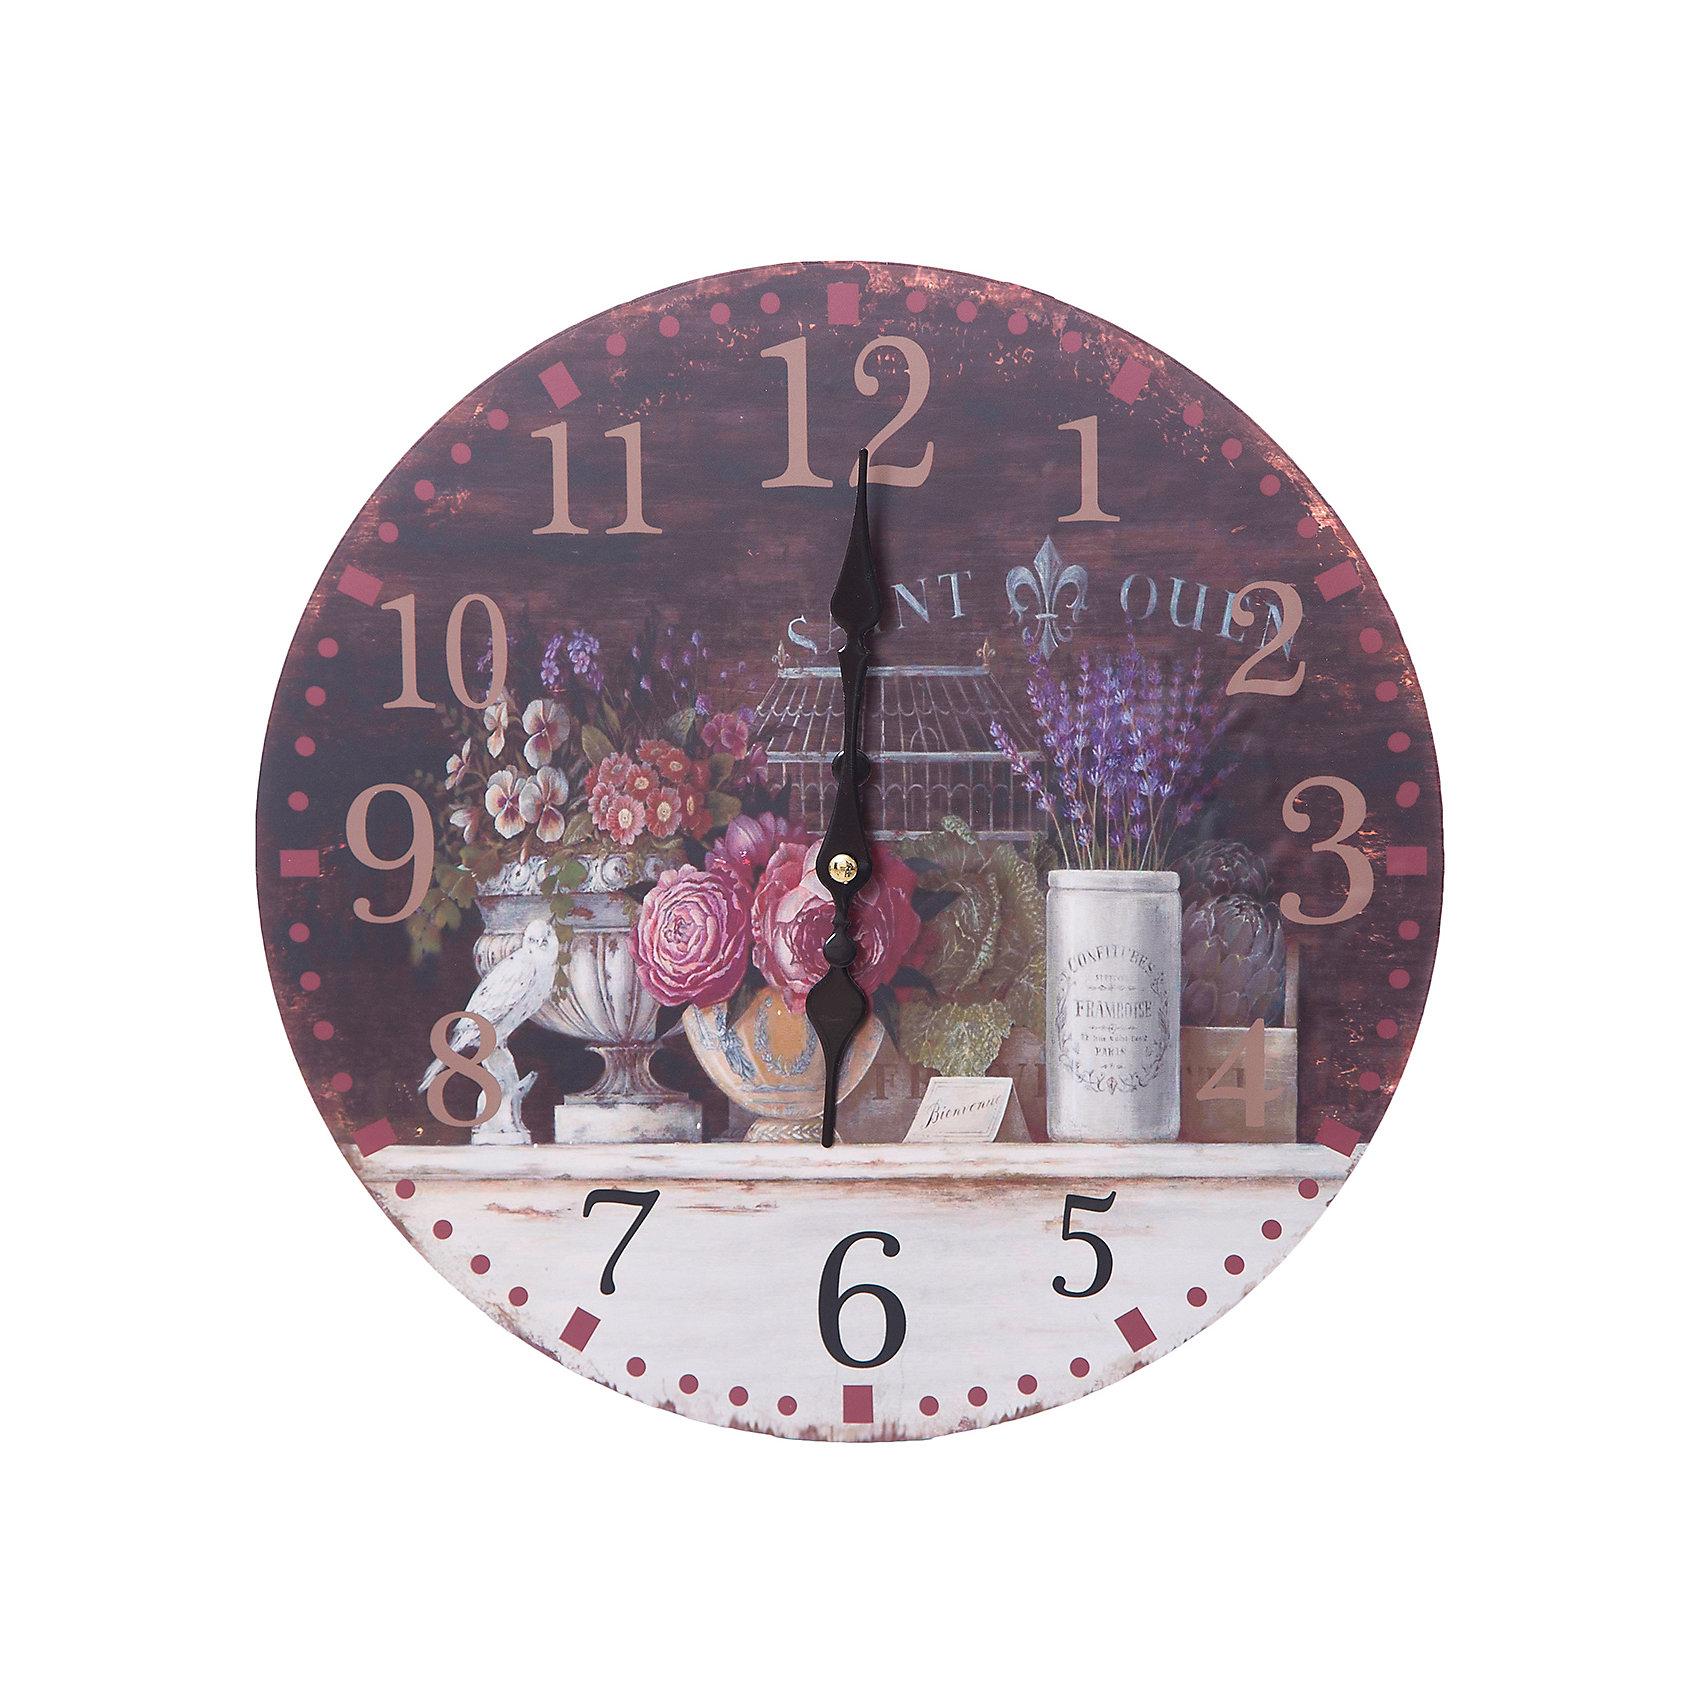 Часы настенные Вечерний Прованс, диаметр 34 смЧасы настенные Вечерний Прованс, диаметр 34 см.<br><br>Характеристики:<br><br>- Диаметр: 34 см.<br>- Две стрелки часовая и минутная<br>- Батарейка: 1 типа АА (в комплект не входит)<br>- Основные цвета: антрацитовый, кремовый, темно-коричневый<br>- Упаковка картонная коробка<br><br>Кварцевые настенные часы с механизмом плавного хода помимо своего прямого назначения – показывать точное время – станут важным элементом декора Вашего дома, квартиры или офиса. Открытый циферблат часов выполнен из листа оргалита с декоративным покрытием, оформлен изображением в прованском стиле. Часовая и минутная стрелки металлические. Часовой механизм закрыт пластиковым корпусом. Часы будут ярким акцентом в интерьере и создадут дополнительный уют и хорошее настроение.<br><br>Часы настенные Вечерний Прованс, диаметр 34 см можно купить в нашем интернет-магазине.<br><br>Ширина мм: 345<br>Глубина мм: 340<br>Высота мм: 45<br>Вес г: 2500<br>Возраст от месяцев: 72<br>Возраст до месяцев: 144<br>Пол: Унисекс<br>Возраст: Детский<br>SKU: 5089835